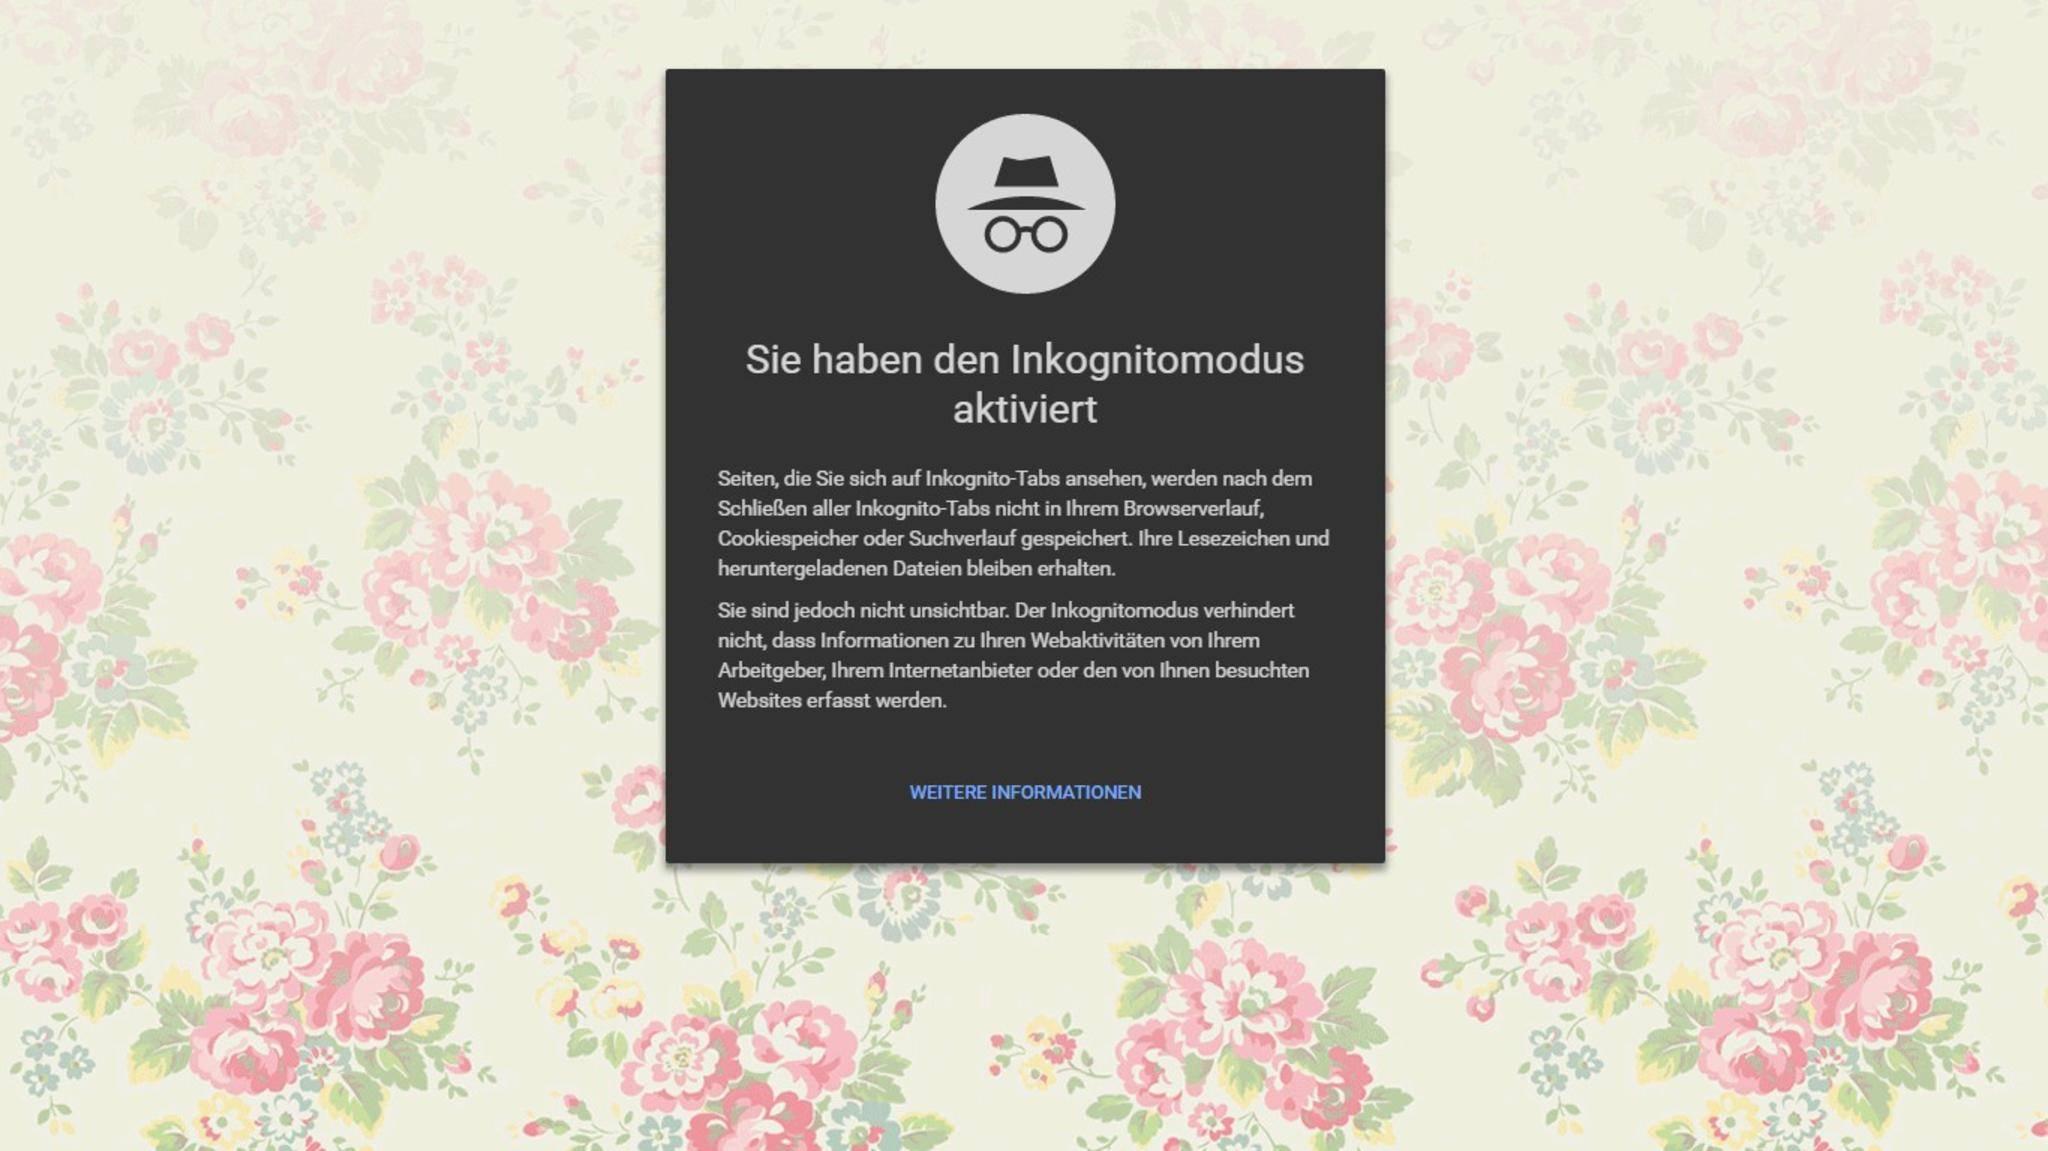 Mit einem Geheimbefehl kannst Du Chrome stets im Inkognito-Modus öffnen.